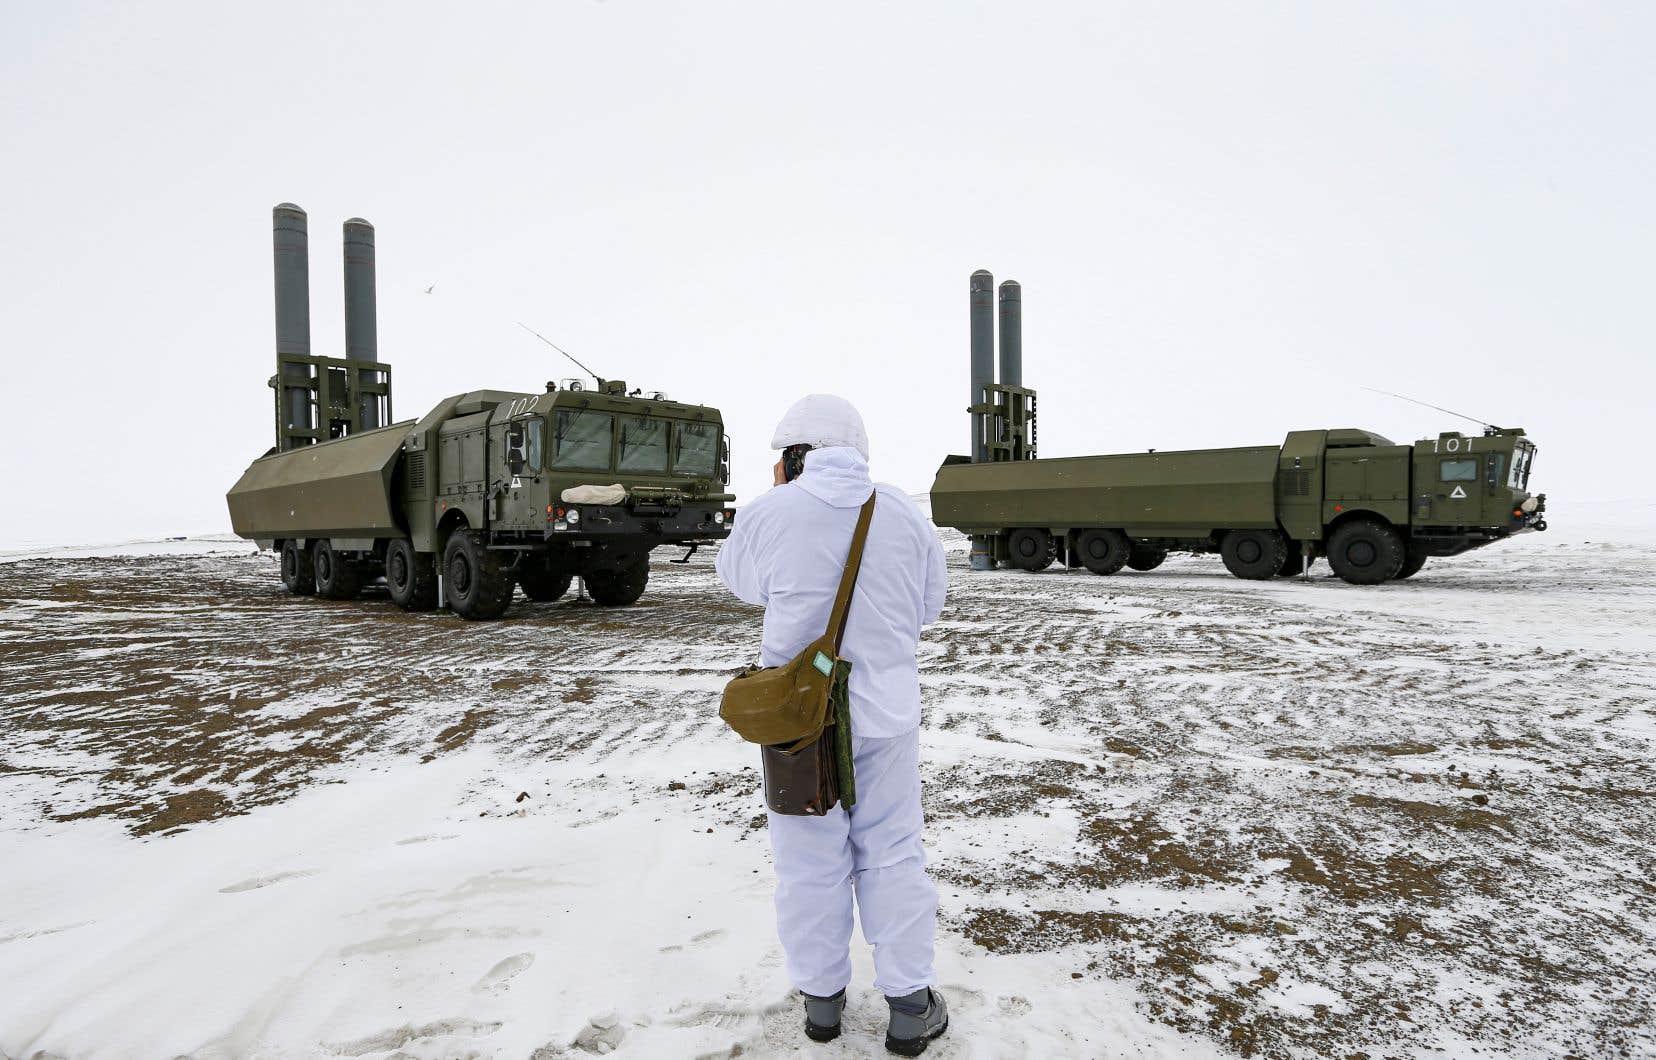 «Le Conseil est présidé depuis le 20 mai dernier par la Russie, qui est à la fois le pays le plus directement concerné par l'Arctique, le plus entreprenant dans son développement économique et le plus présent en Arctique des points de vue maritime et militaire», écrit l'auteur.